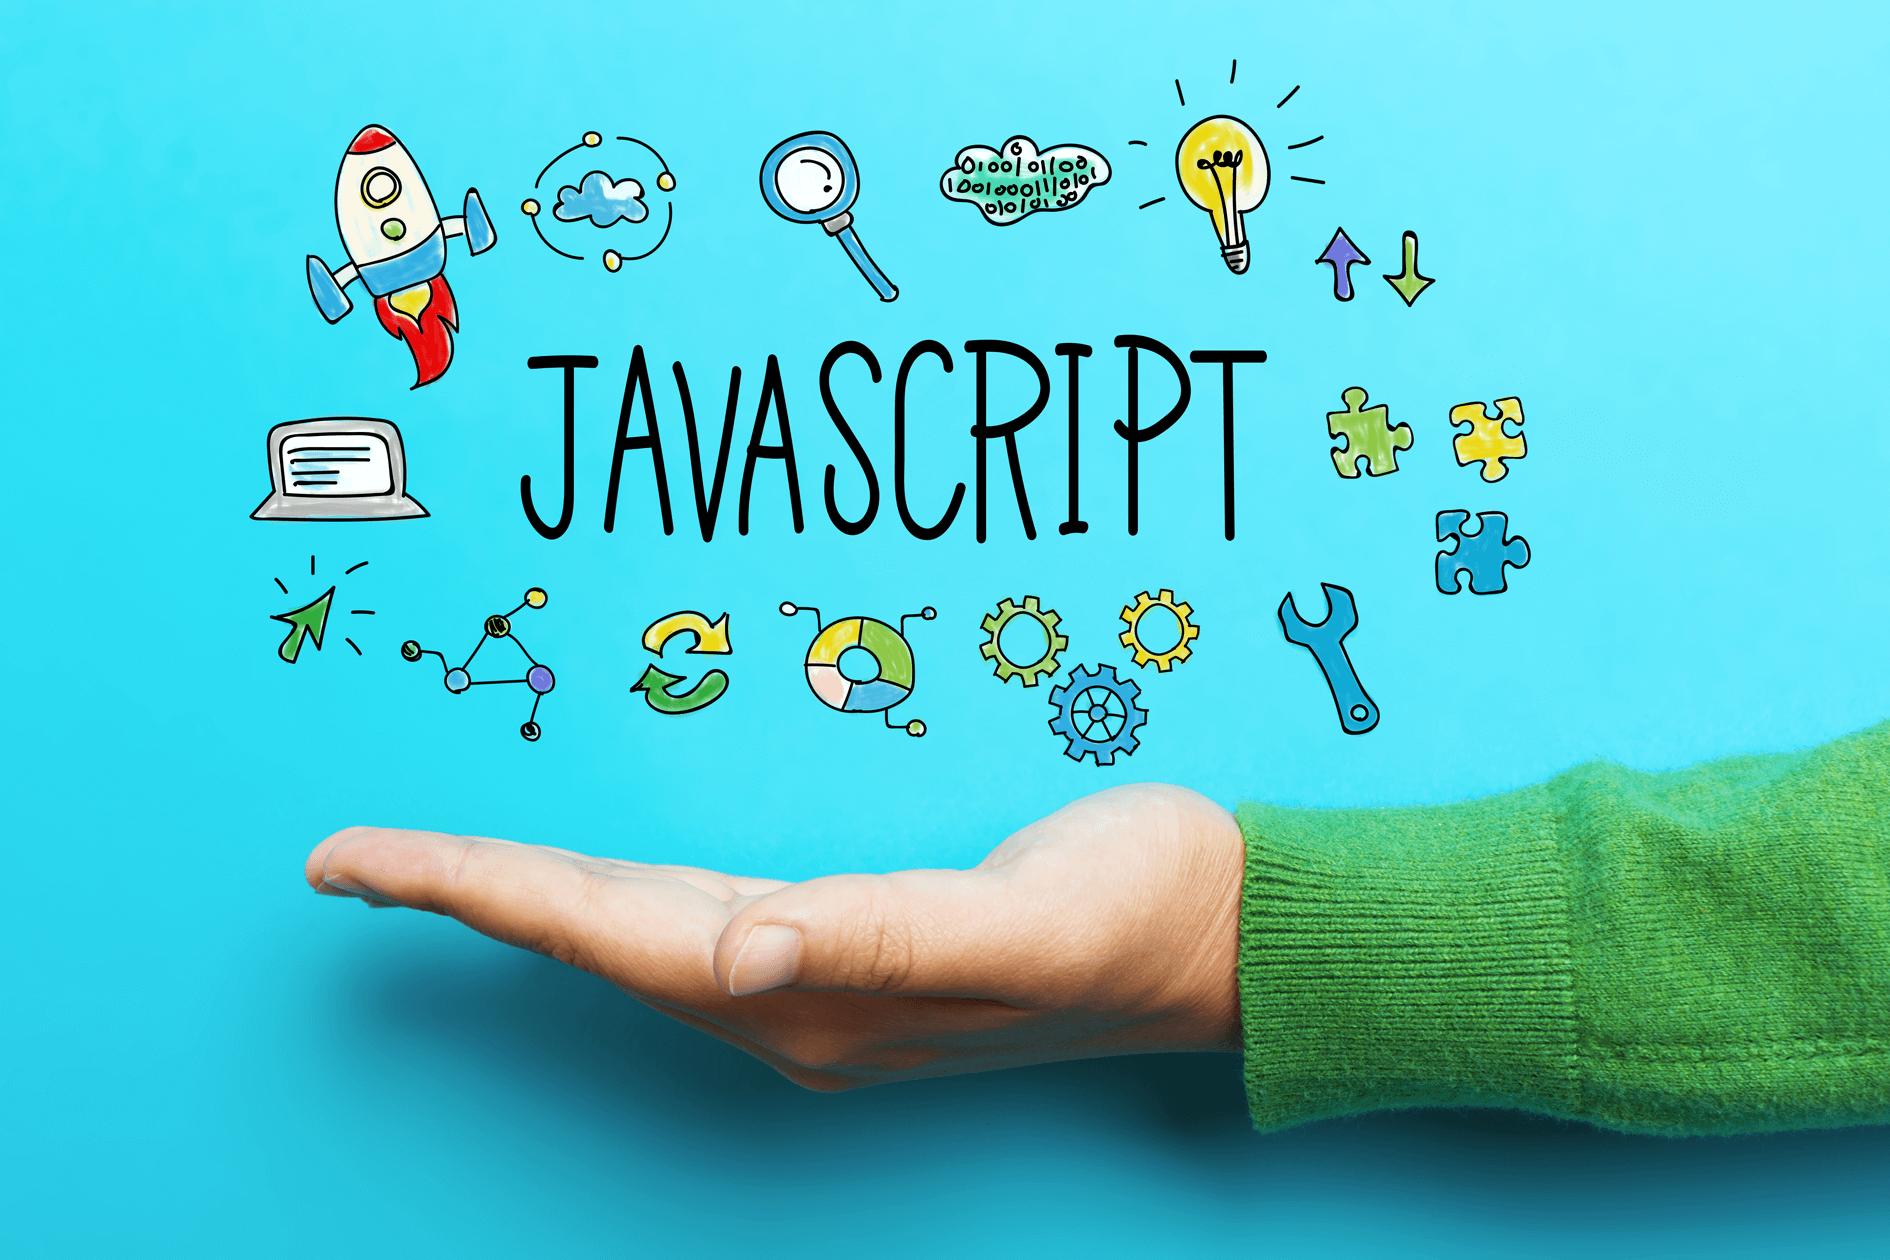 【初心者向け】JavaScriptを使って可能な6つの基本的なこと